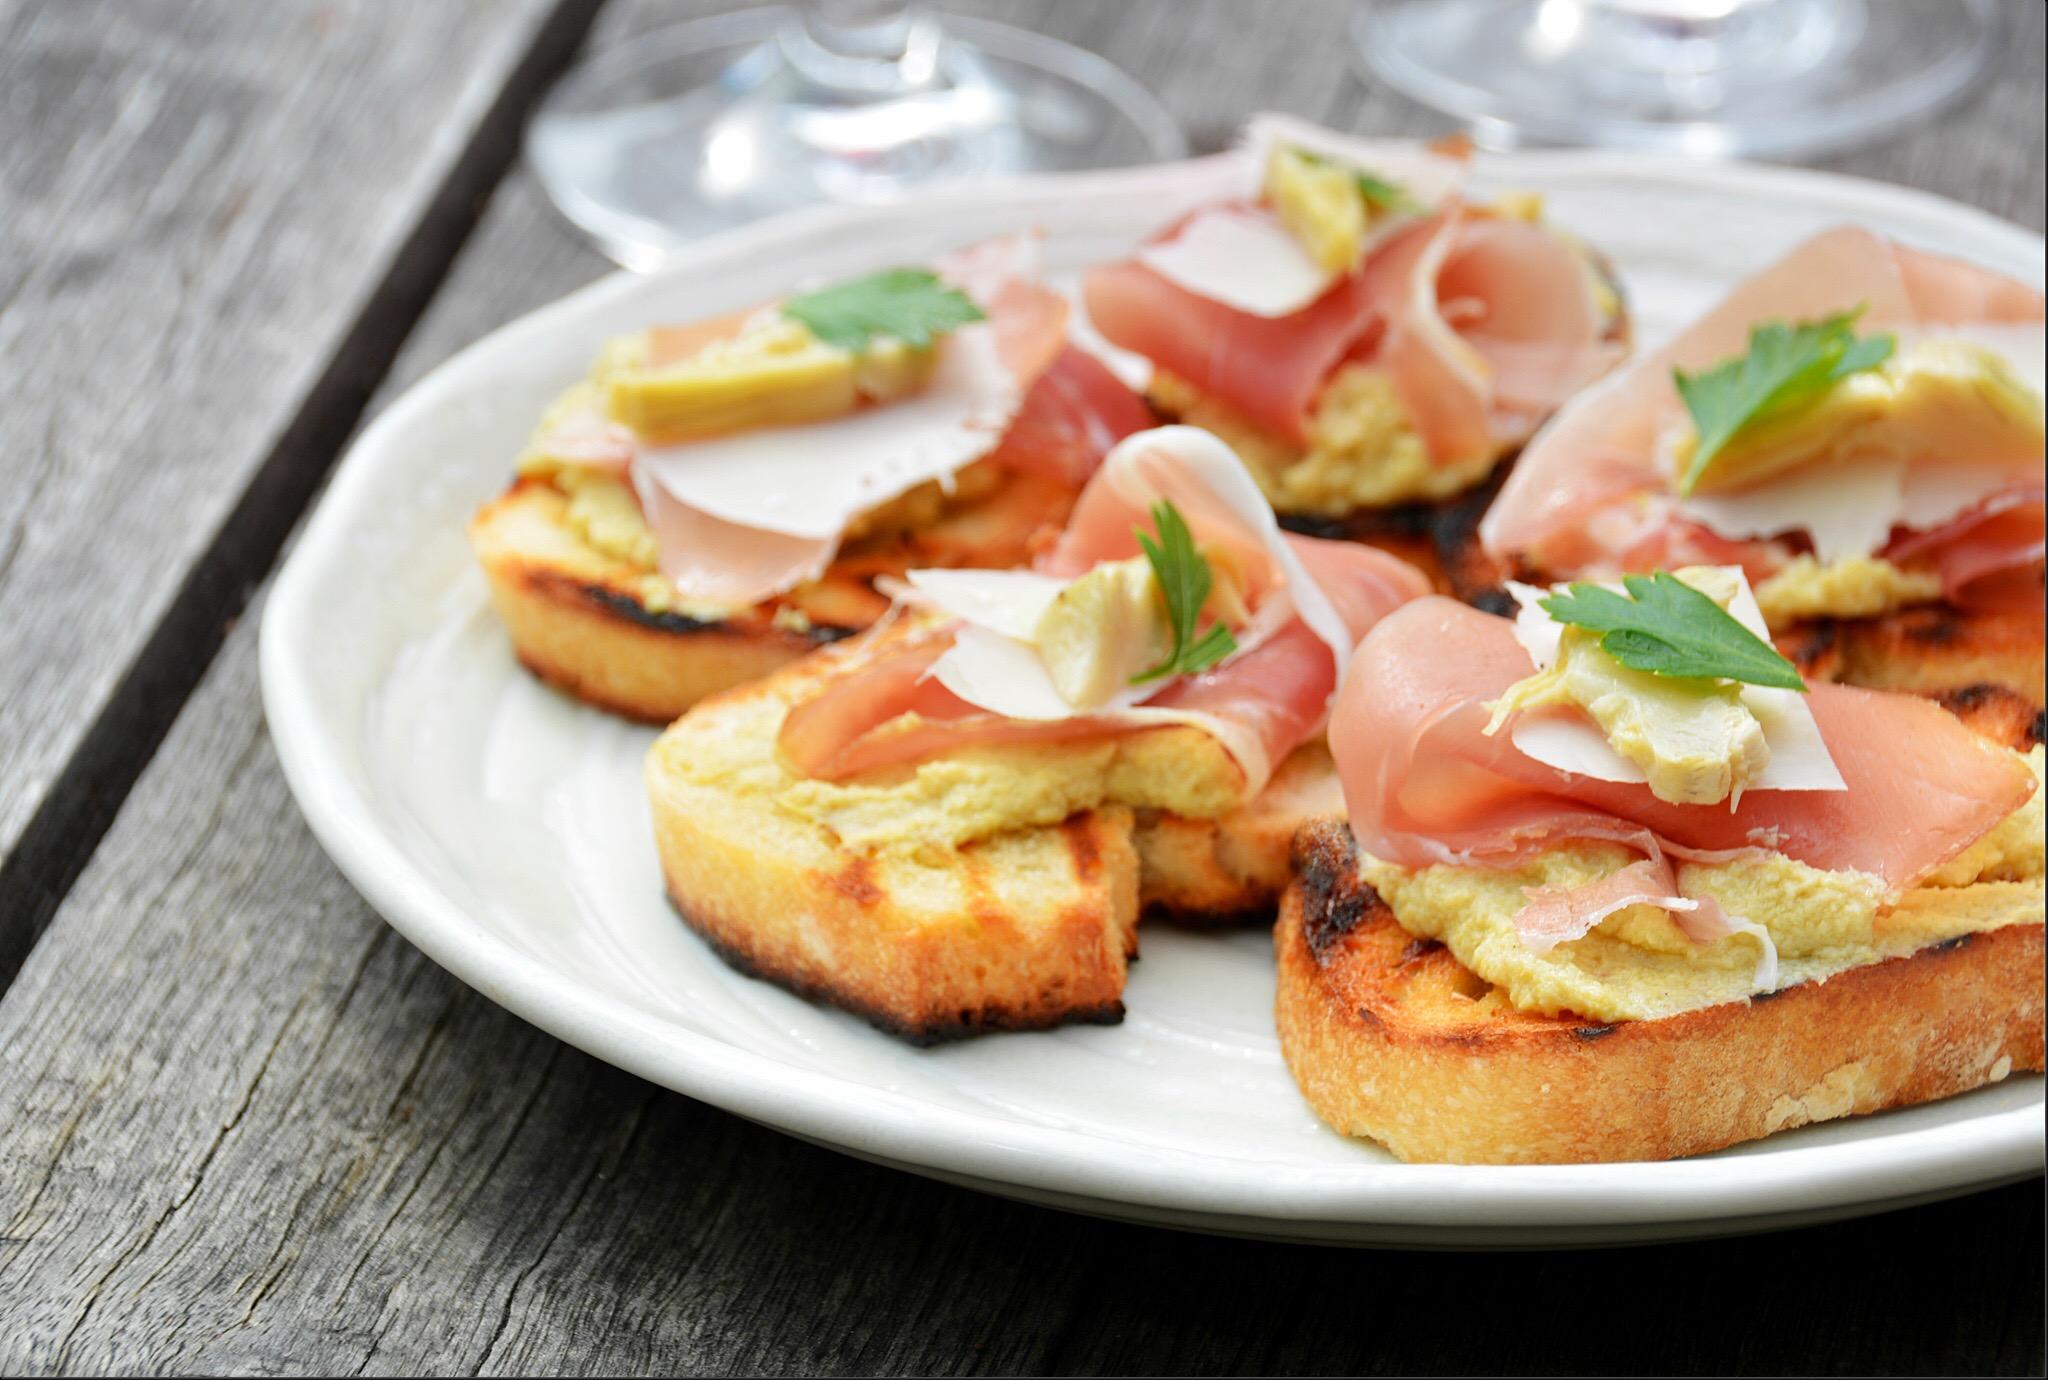 Crostini con crema di carciofi – crostini with artichoke spread